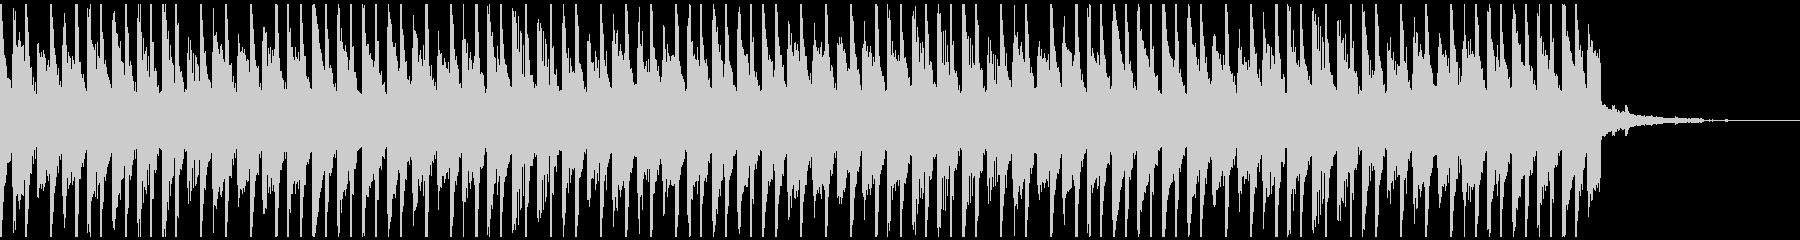 喜び(30秒)の未再生の波形